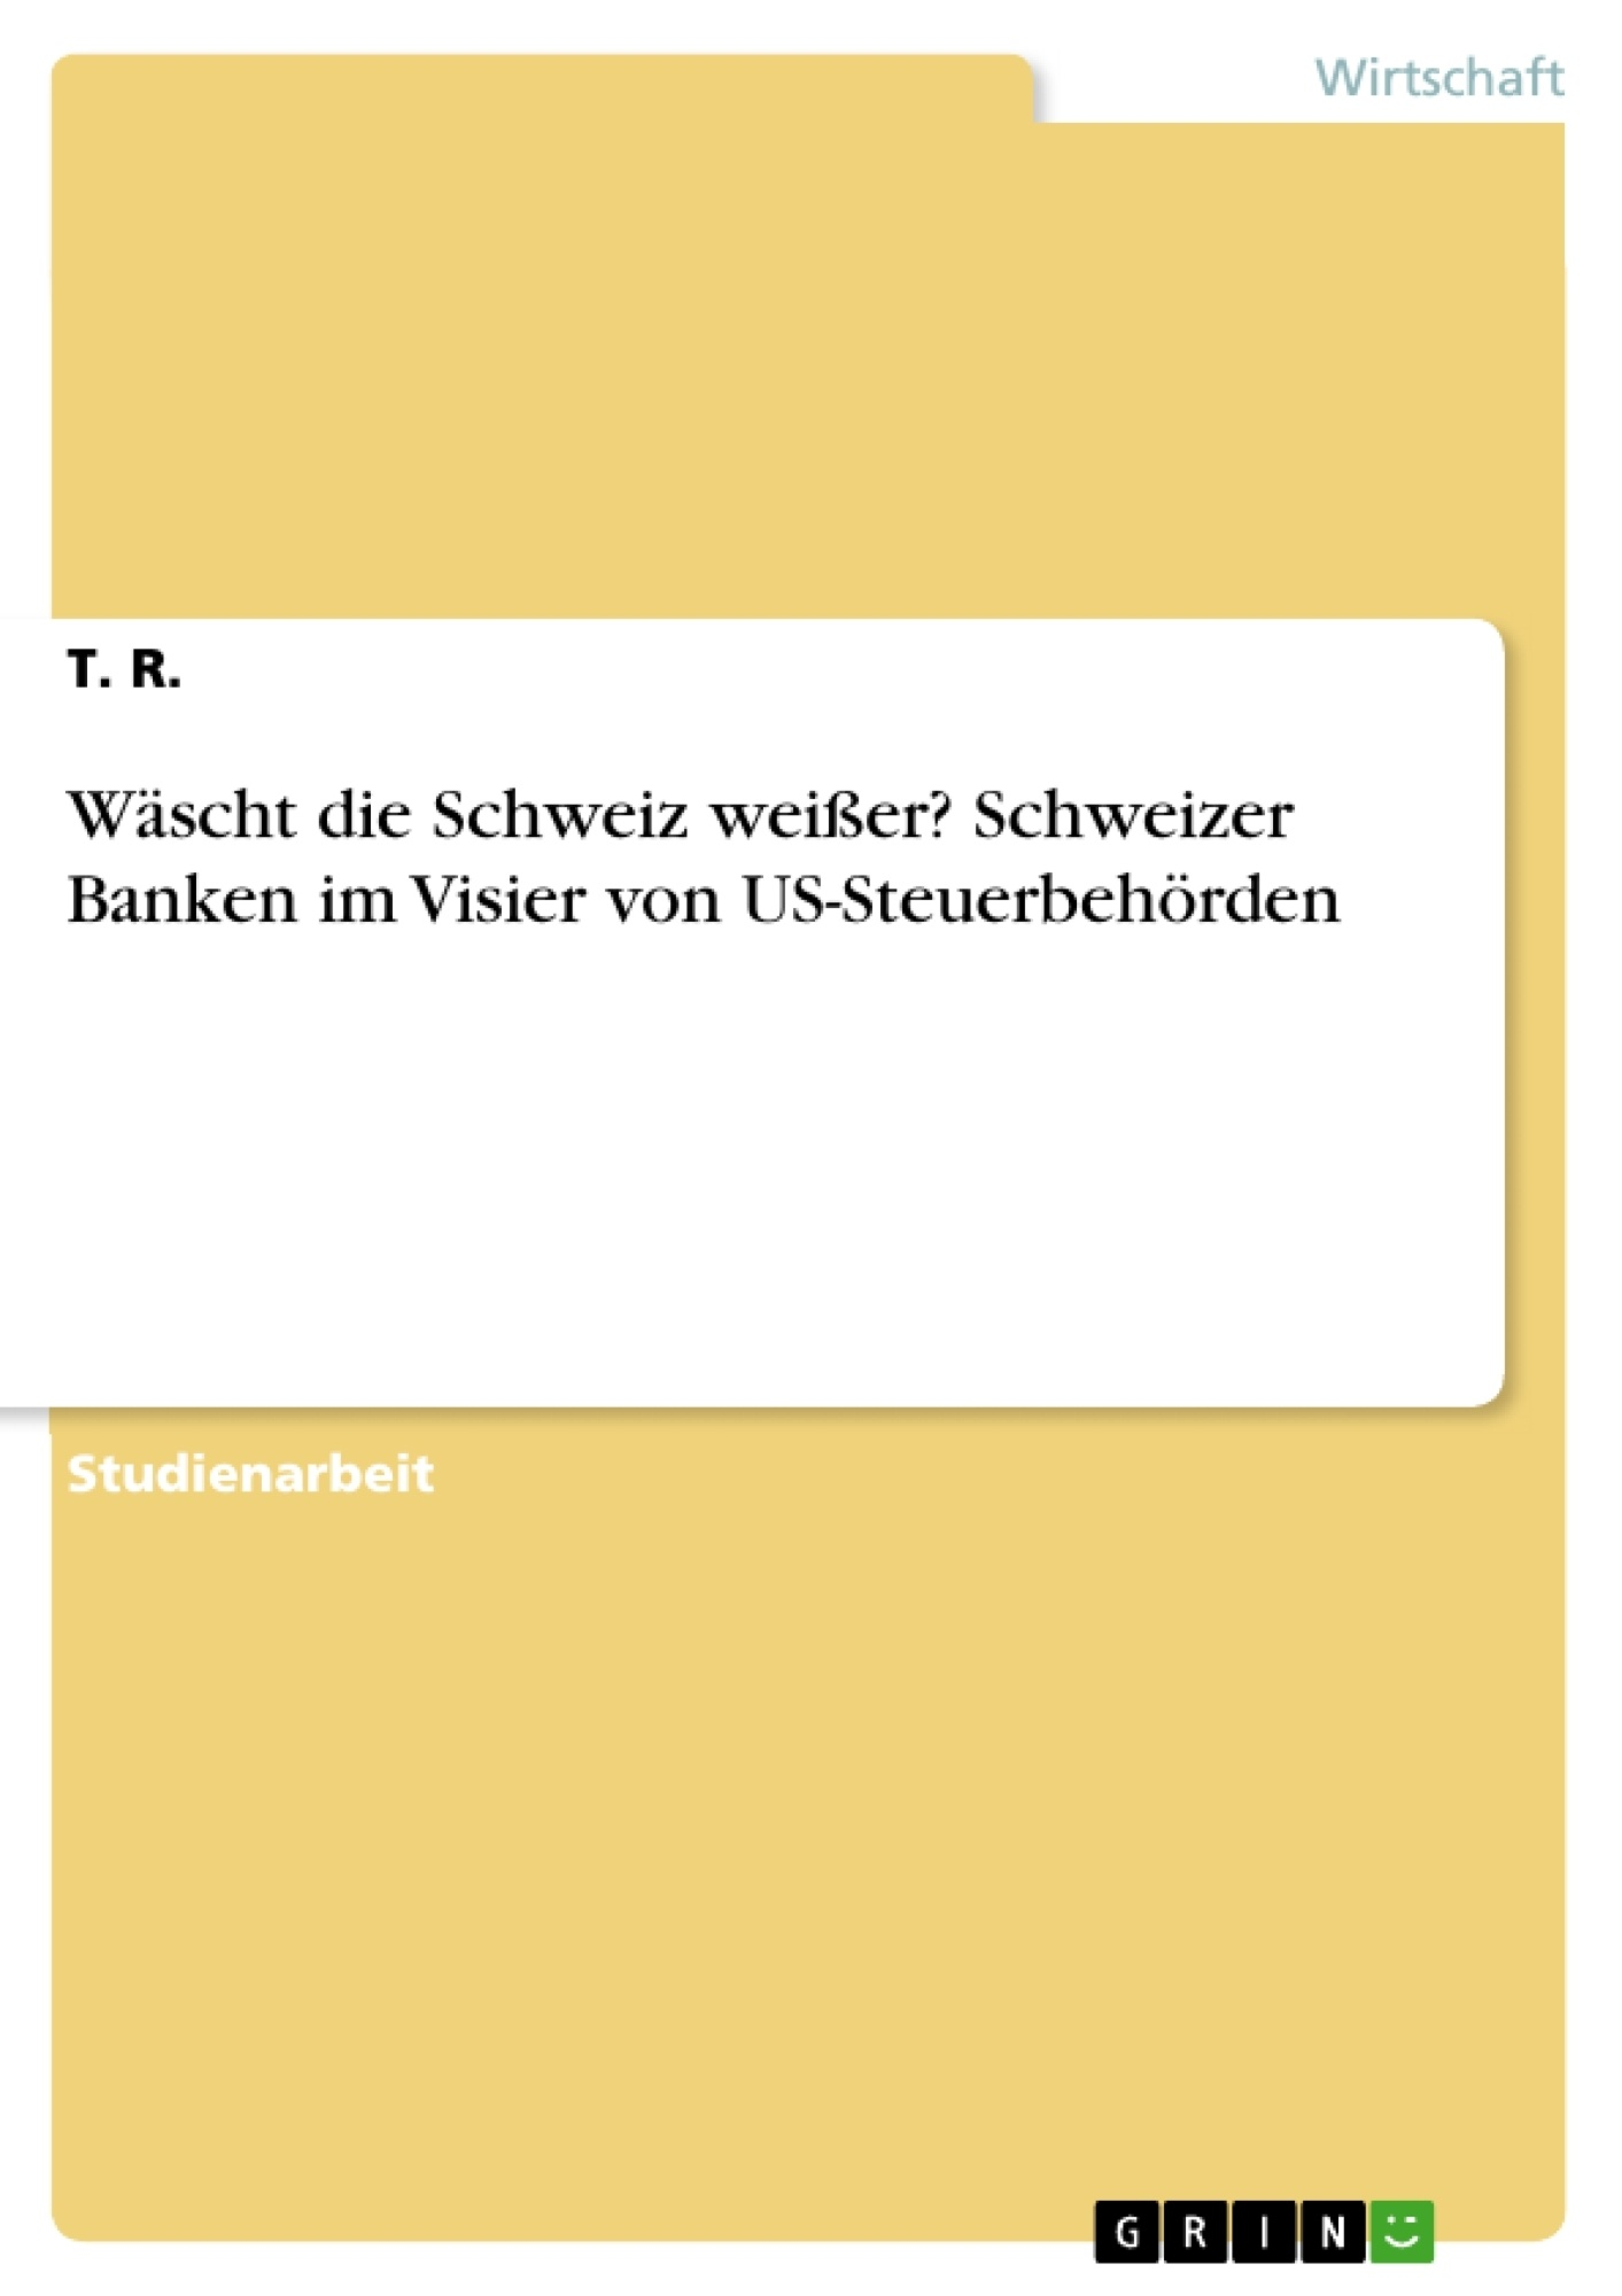 Titel: Wäscht die Schweiz weißer? Schweizer Banken im Visier von US-Steuerbehörden